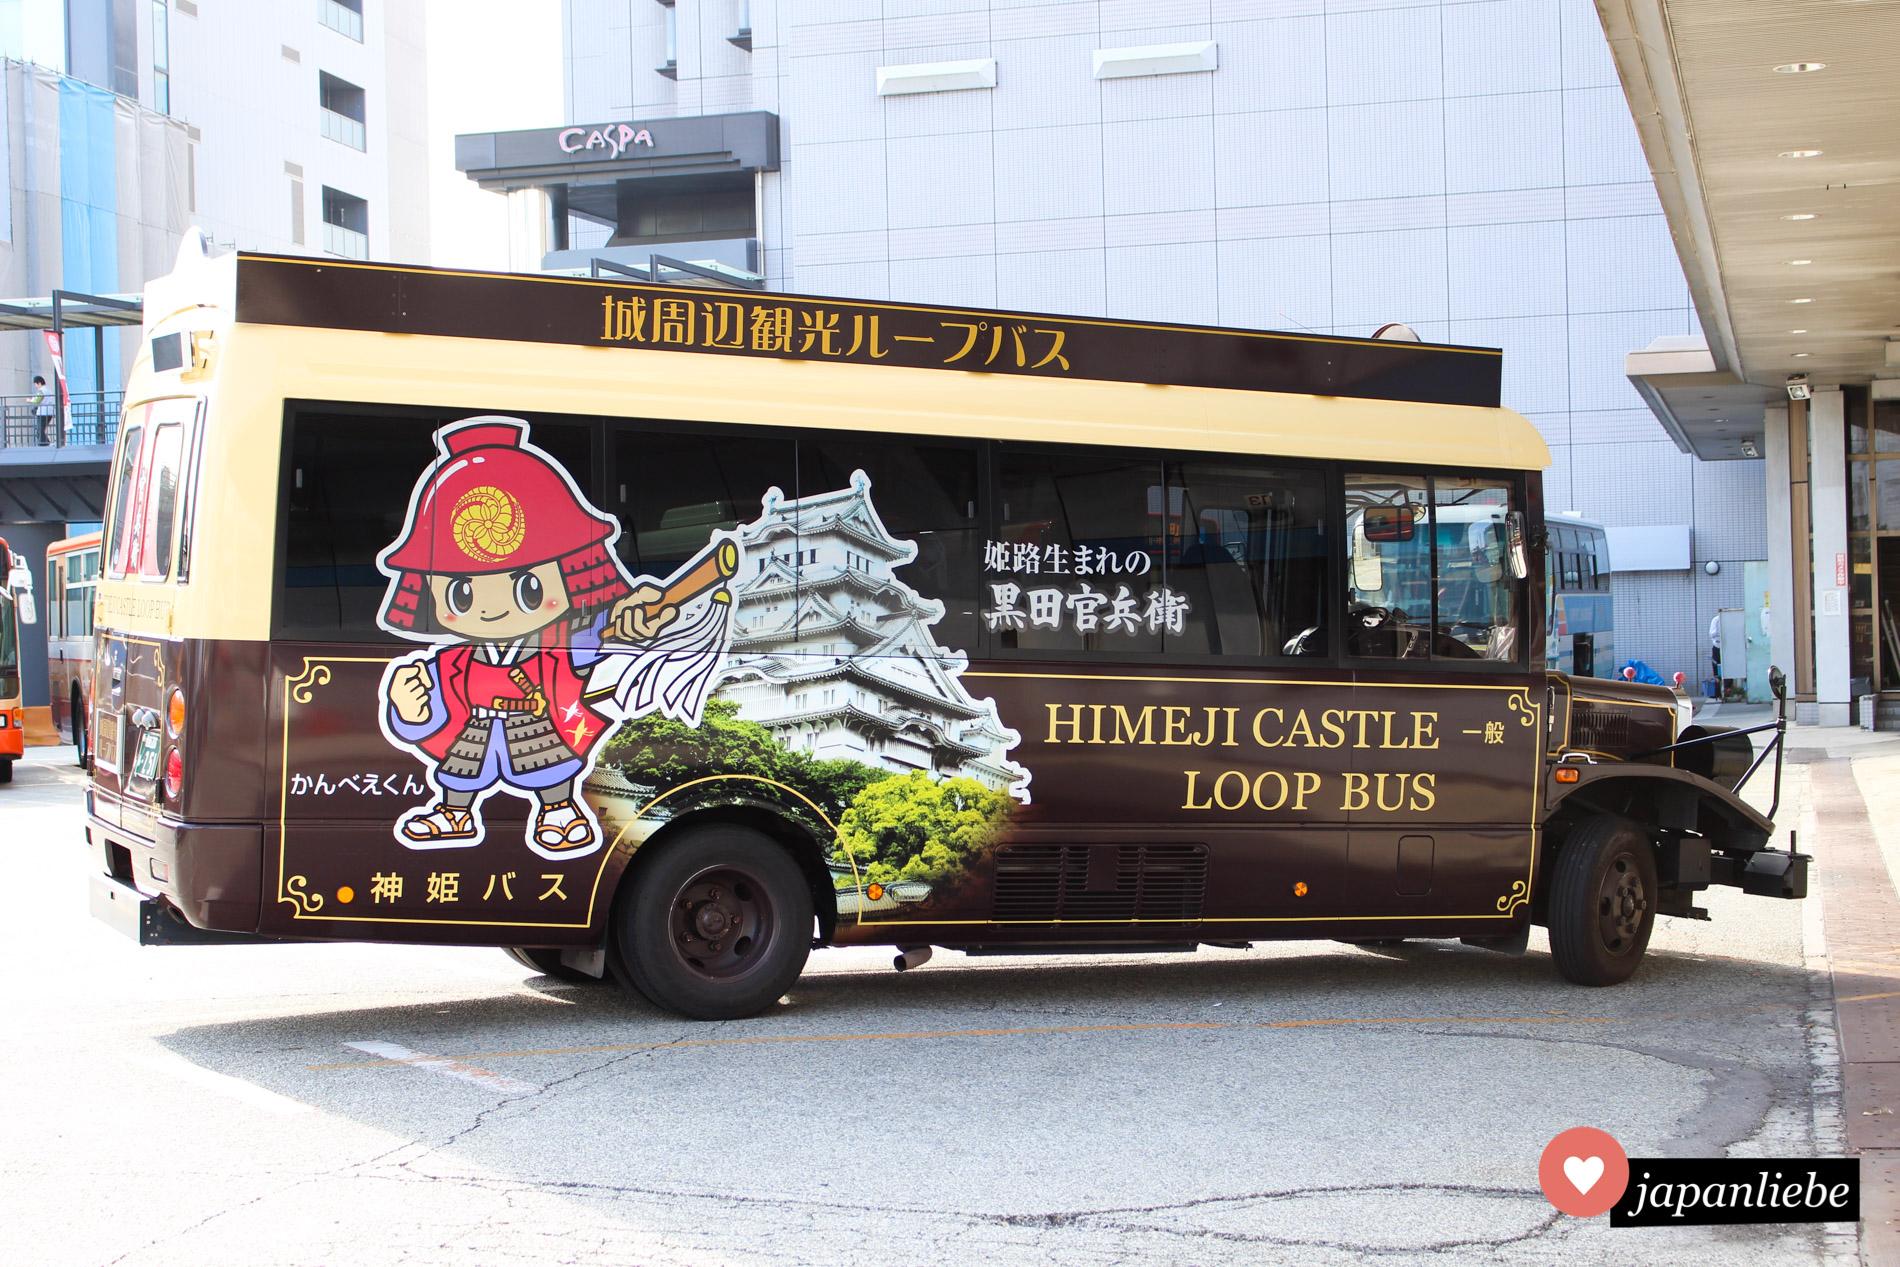 Vom Bahnhof in Himeji kann man zu Fuß bis zur weltberühmten Burg gehen. Alternativ nimmt man den niedlichen Himeji-Castle-Loop-Bus.